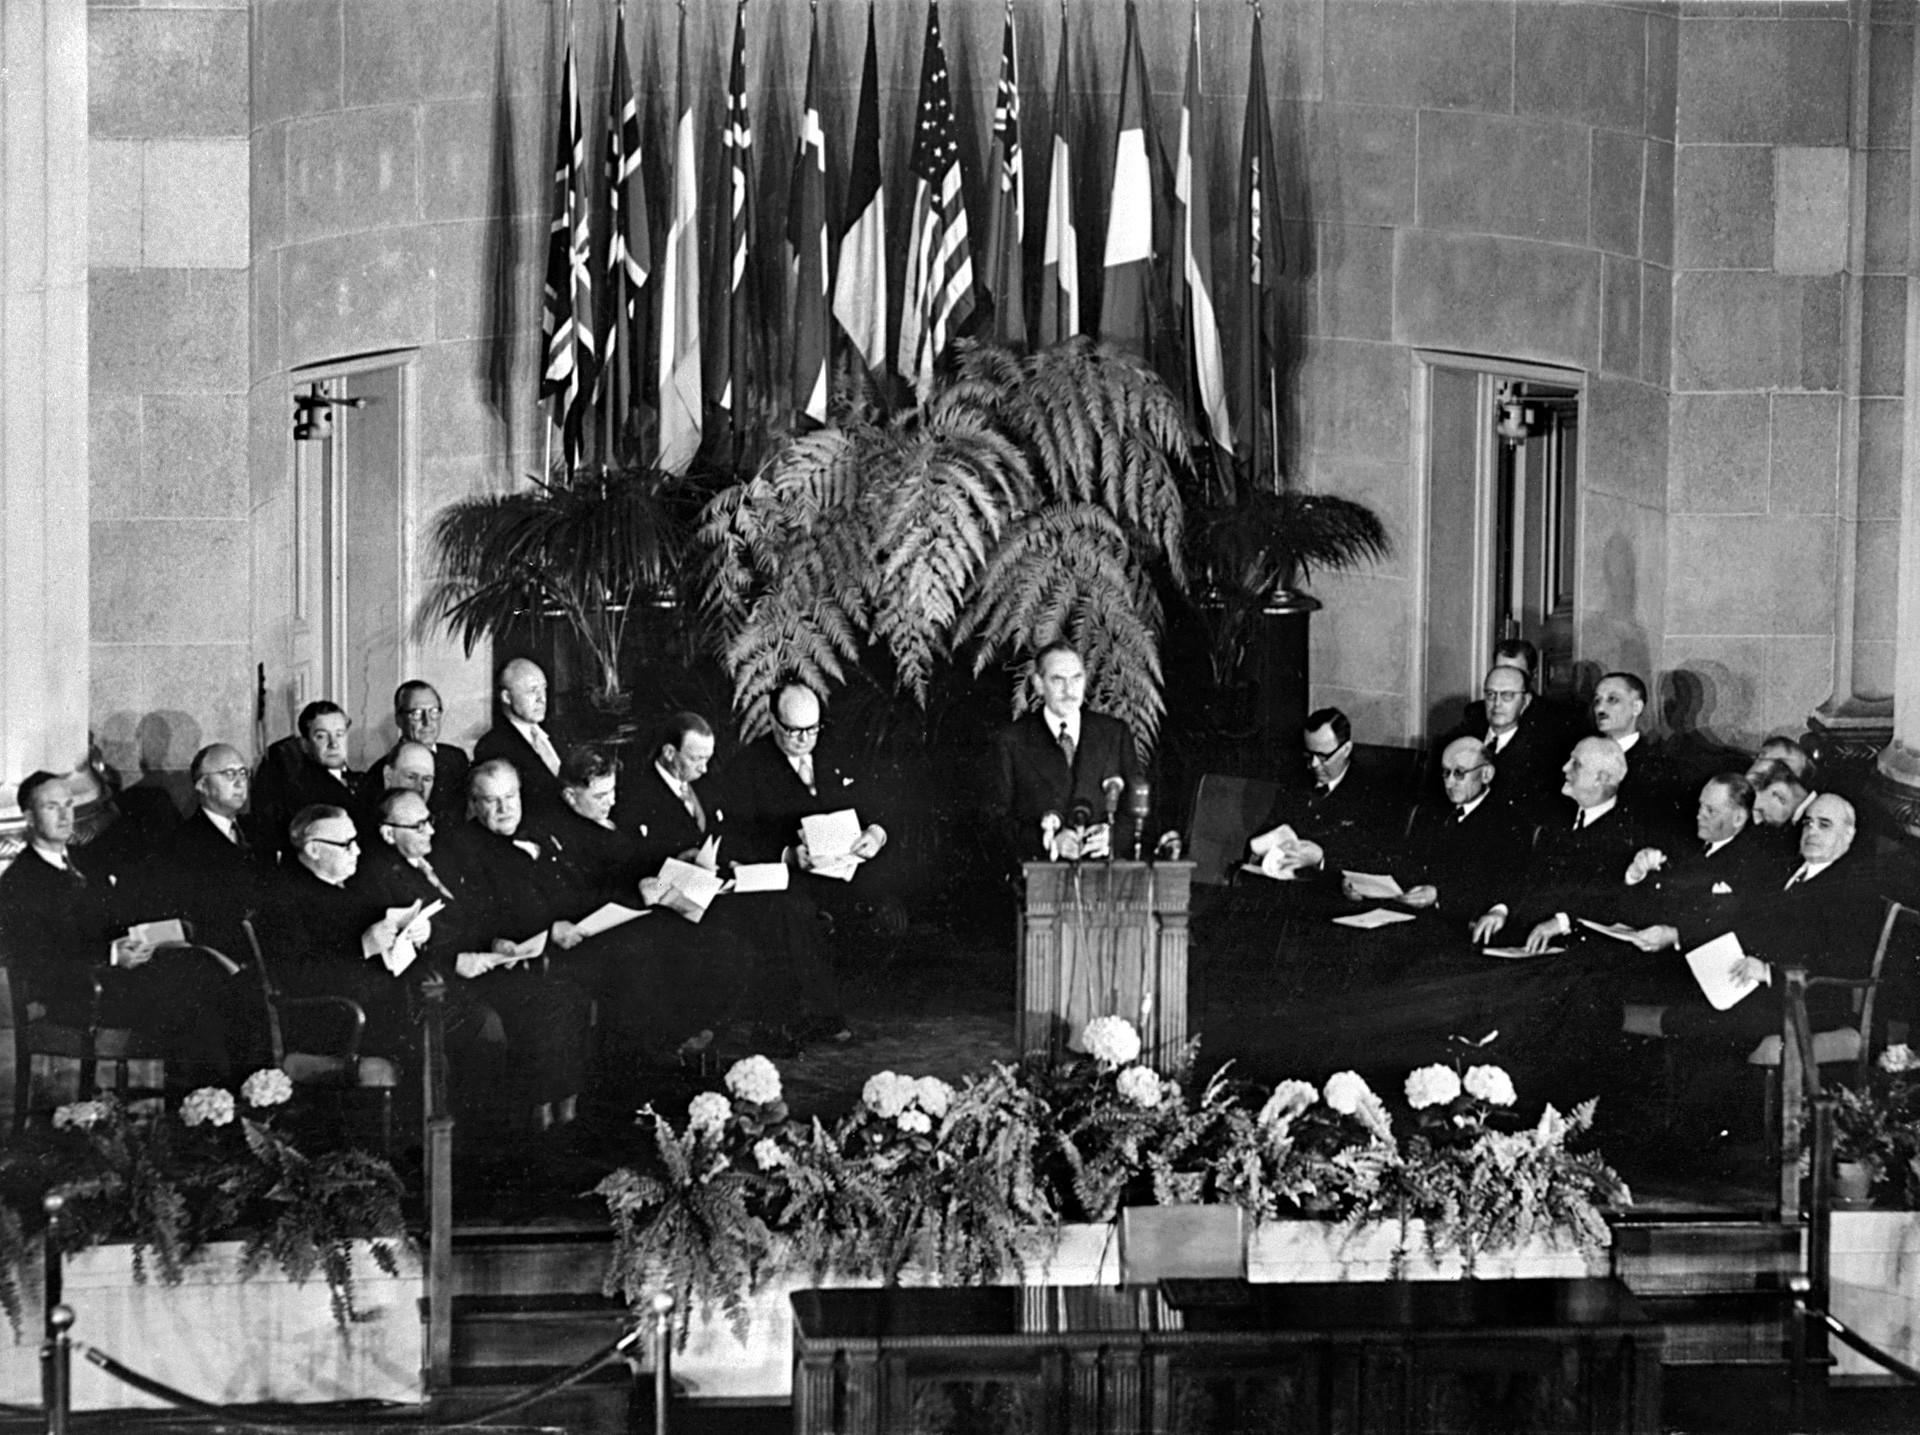 Die Unterzeichnung des Nordatlantikpakts am 4. April 1949